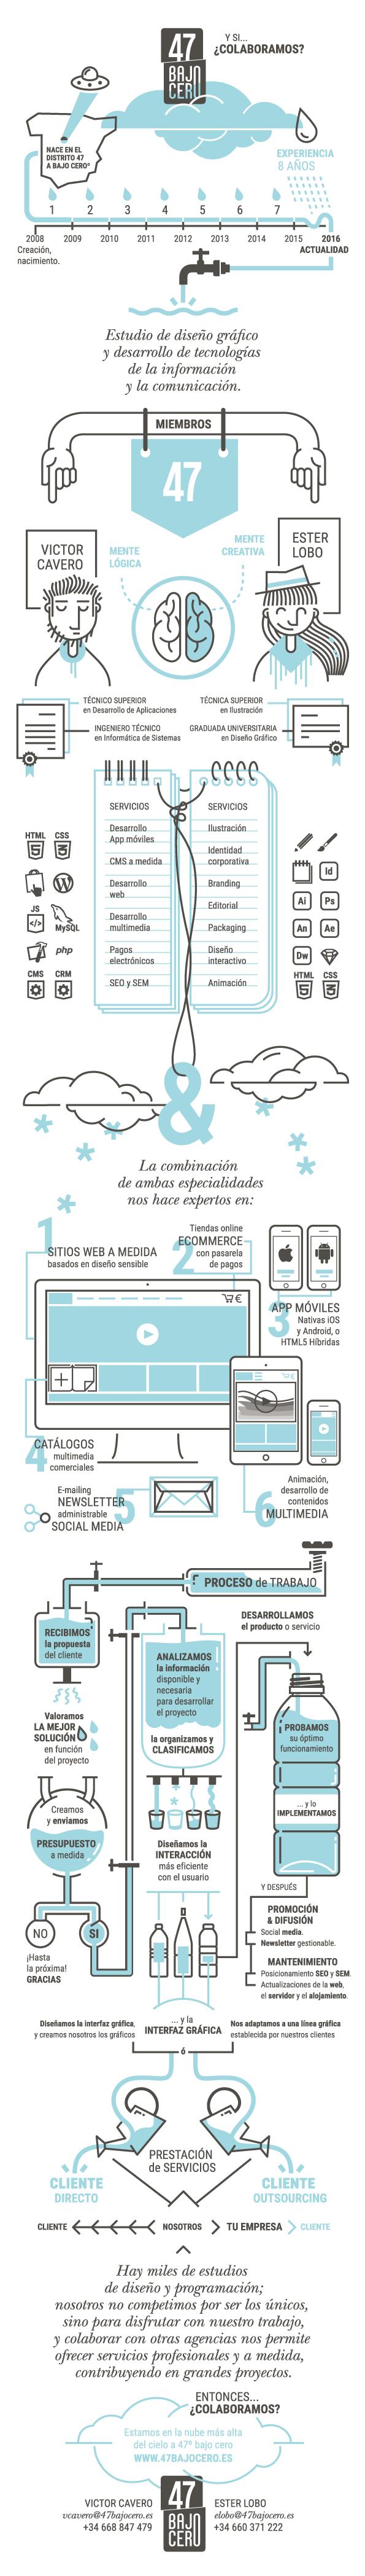 infografia diseño informacion Diseño editorial diseño gráfico diseño ilustración iconográfica